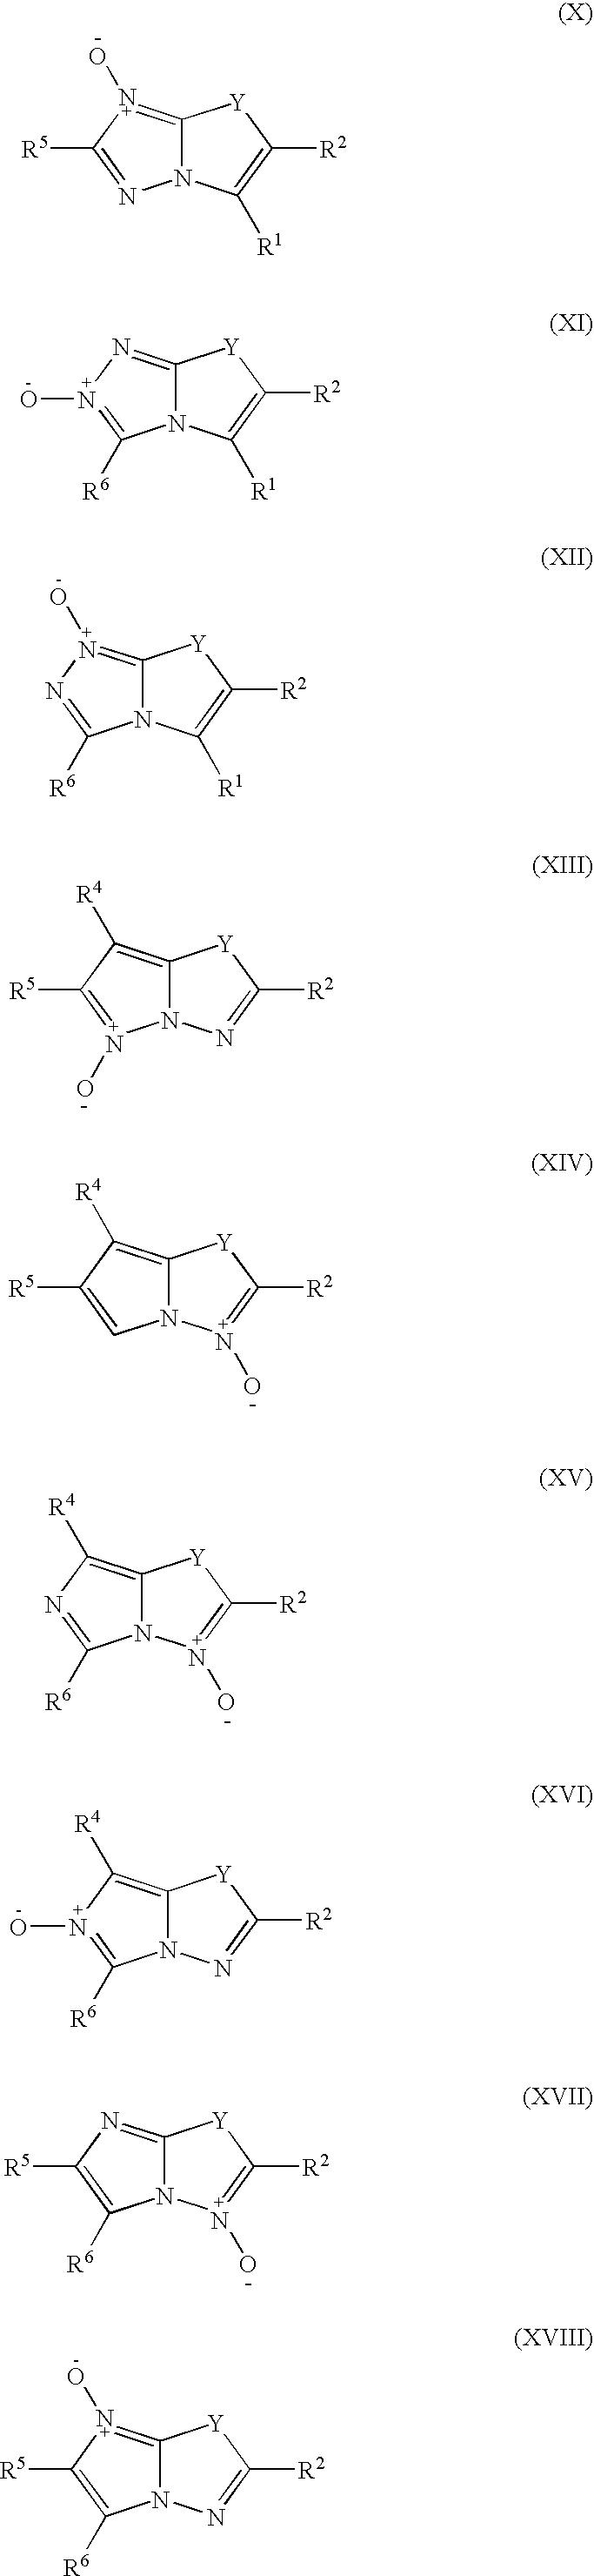 Figure US07288123-20071030-C00061